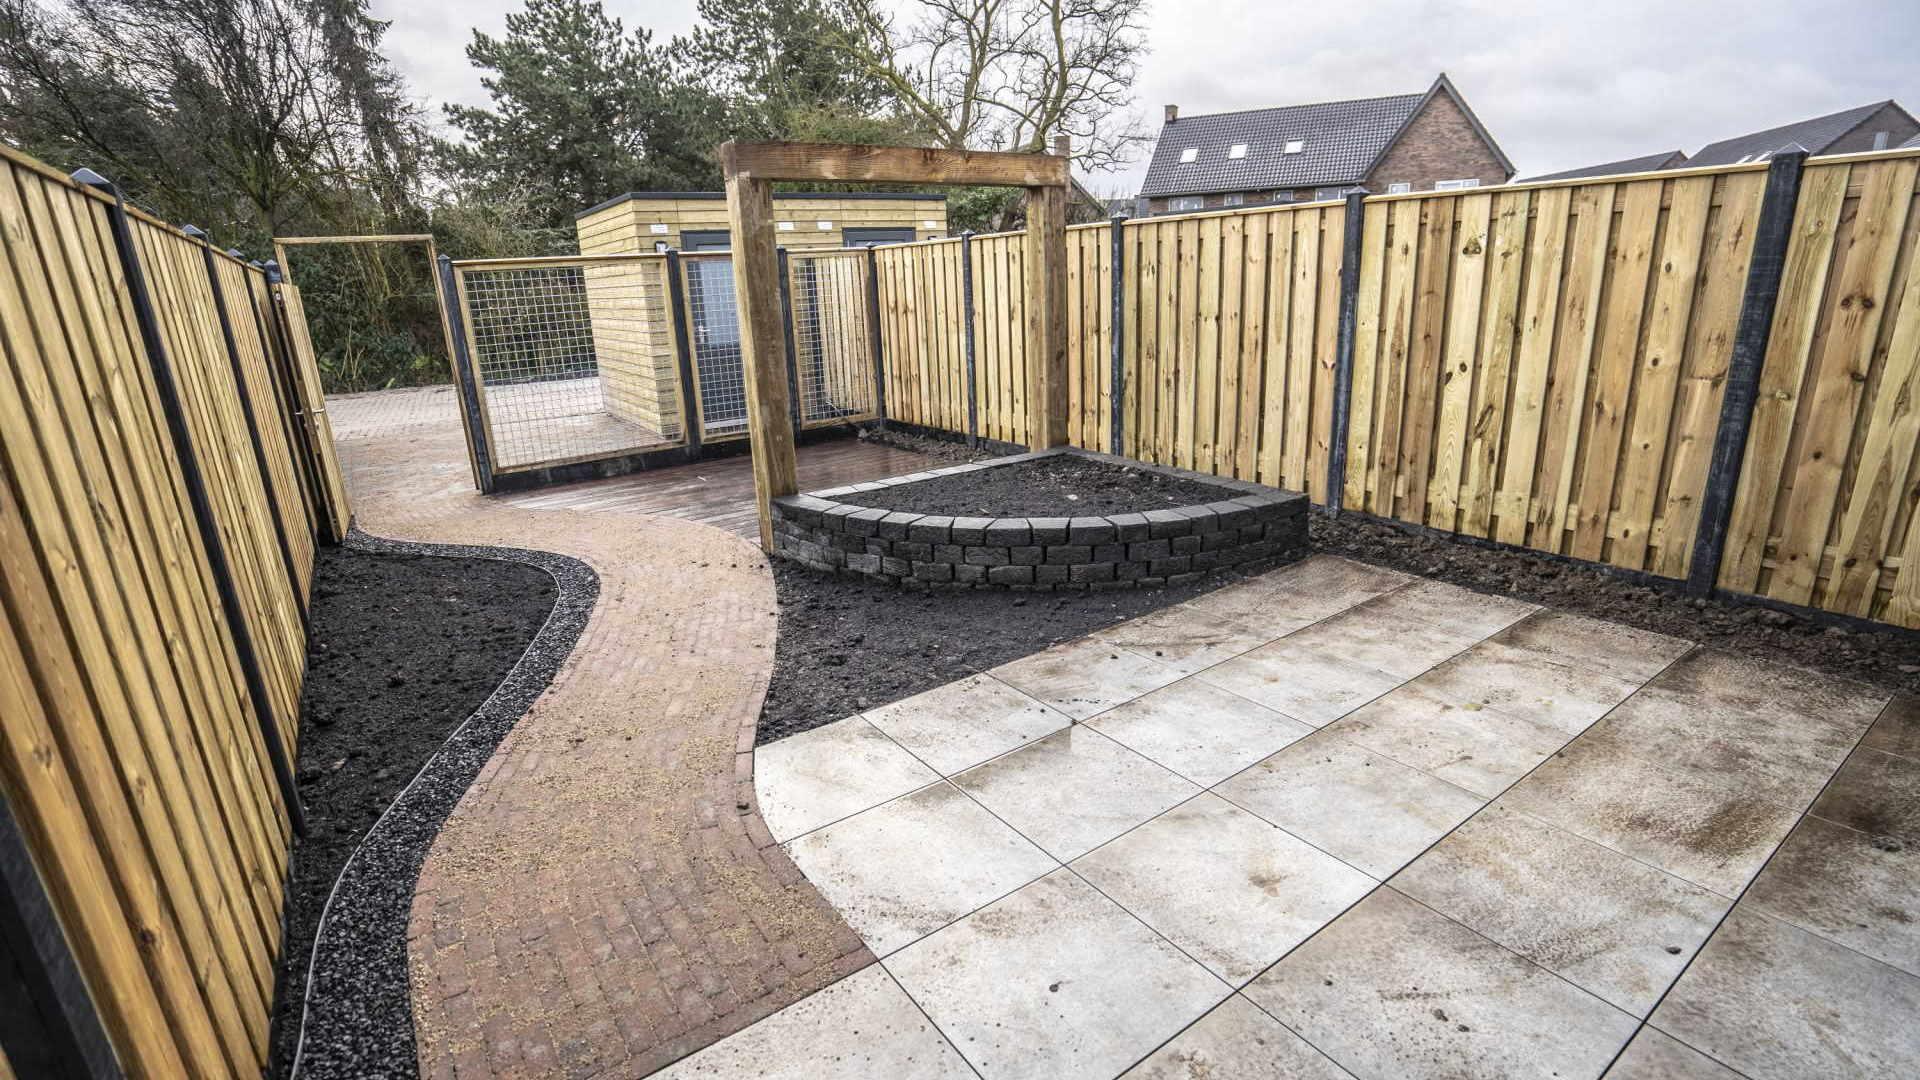 Spaansen realiseert in Nijmegen-Noord, 92 tuinen volgens het 'Tuinklaar concept' bij het project 'De Stadstuin'